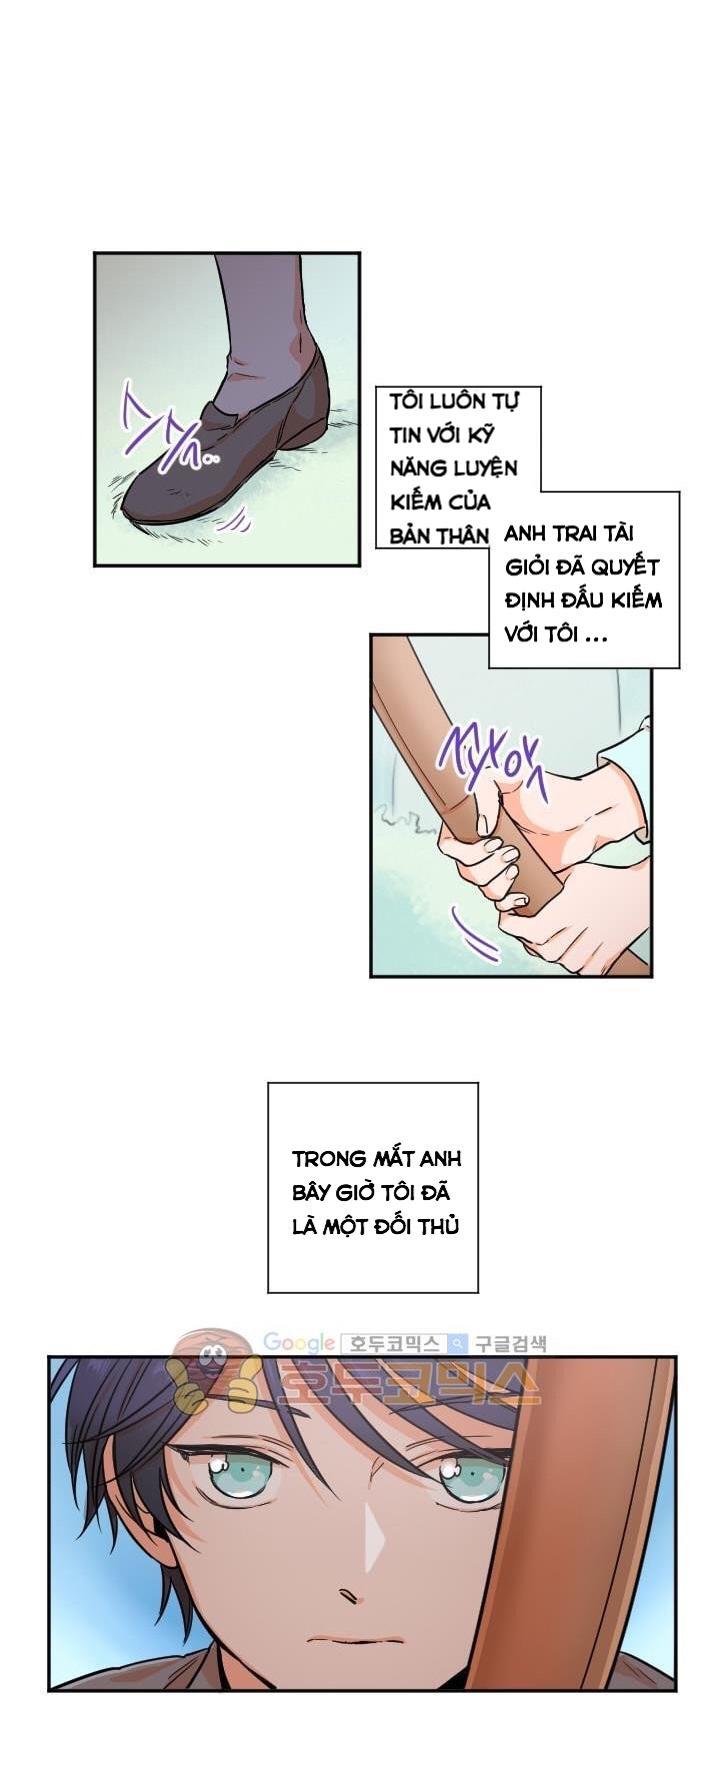 Tiểu Thư Bé Bỏng Đáng Yêu! chap 14 - Trang 15